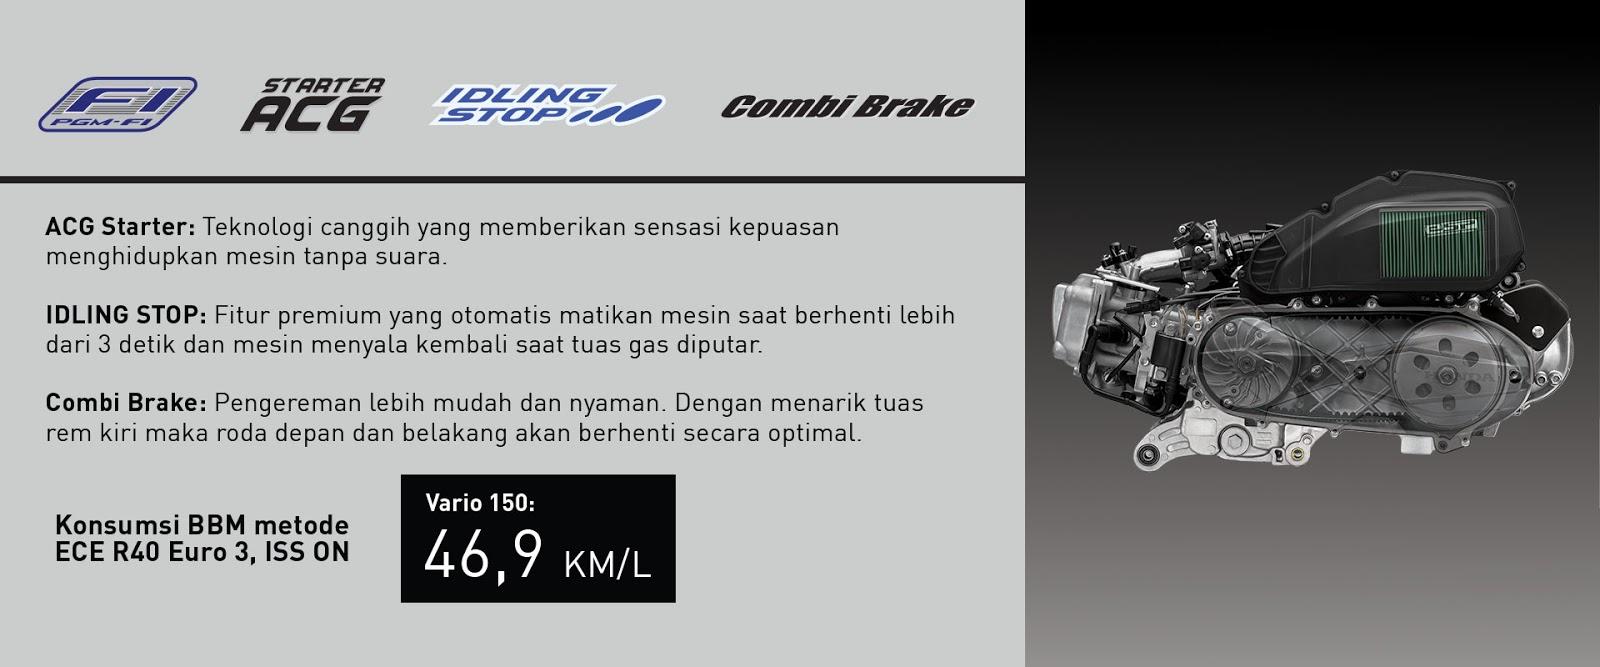 Vario 150 Exclusive Fi Honda Nusantara Jaya Purwokerto All New Esp Matte Black Purbalingga Fitur